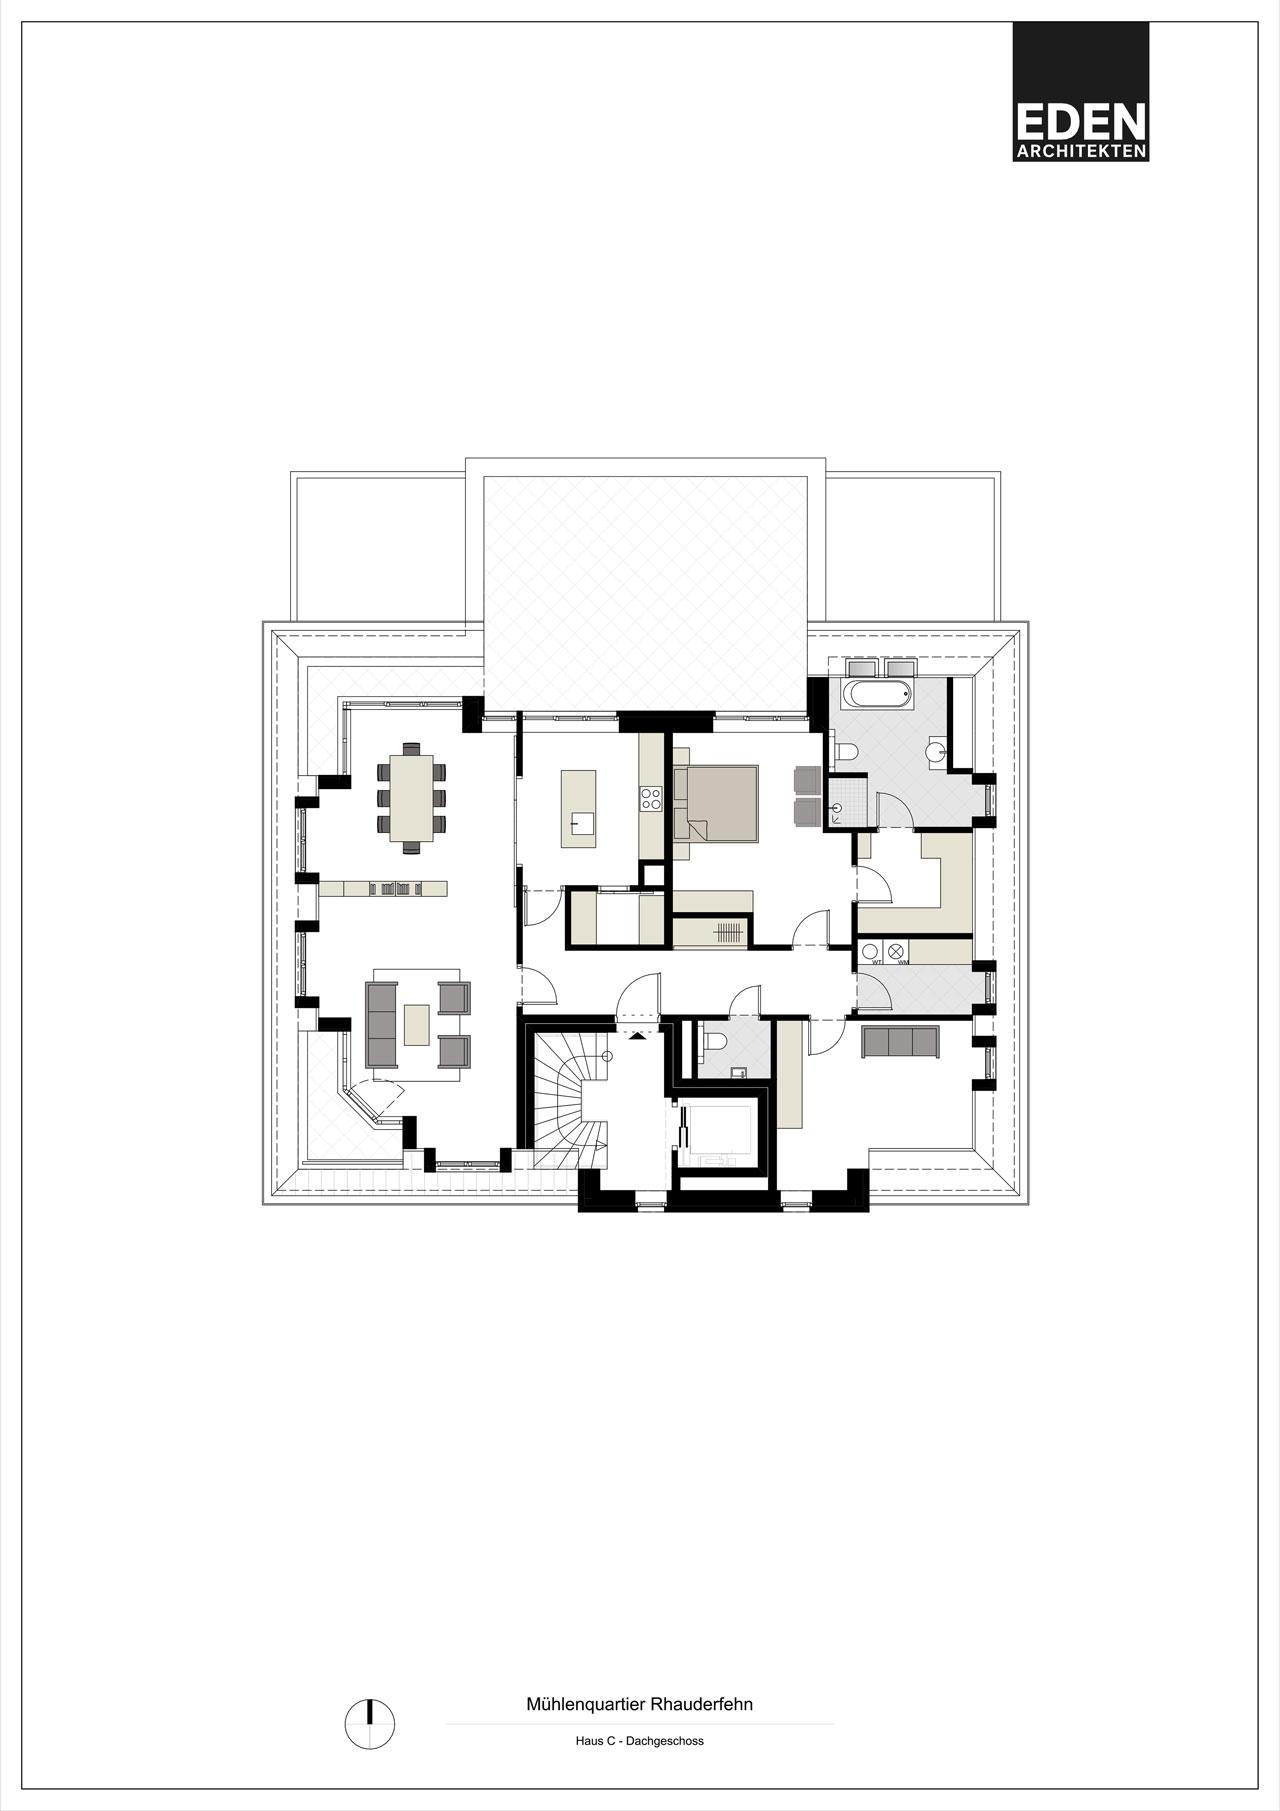 Mühlenquartier_Rhauderfehn_Haus